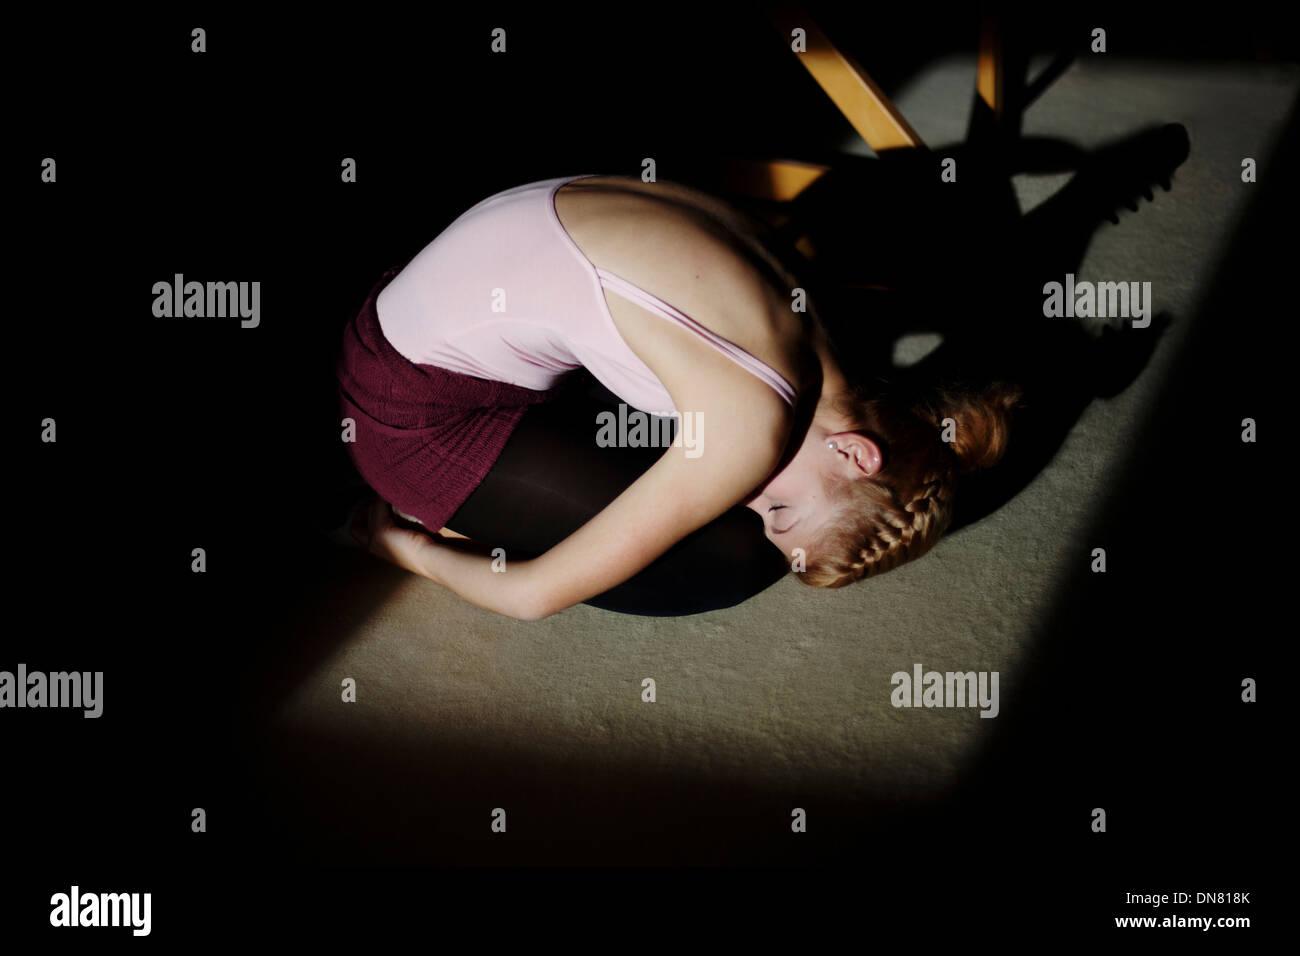 Jeune femme à genoux sur le sol, portrait Photo Stock